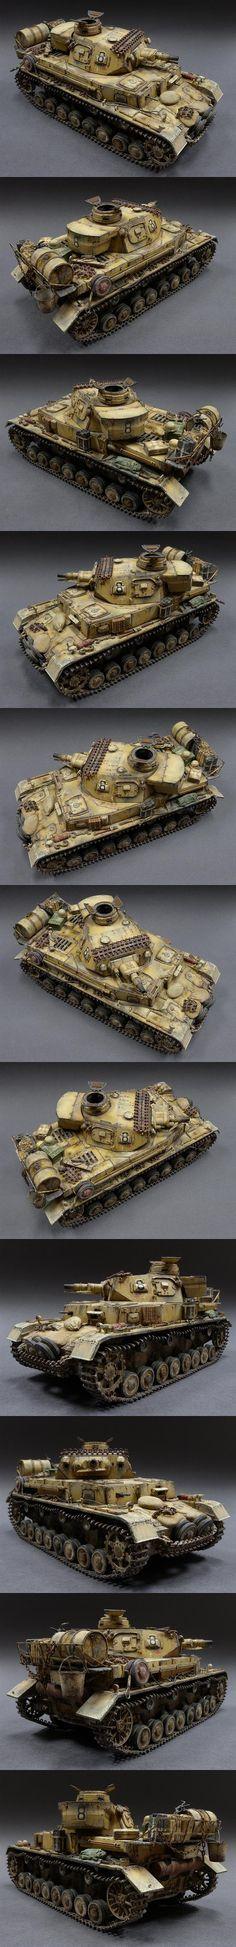 Freaking awesome! Pz. Kpfw. IV Ausf.E., DAK